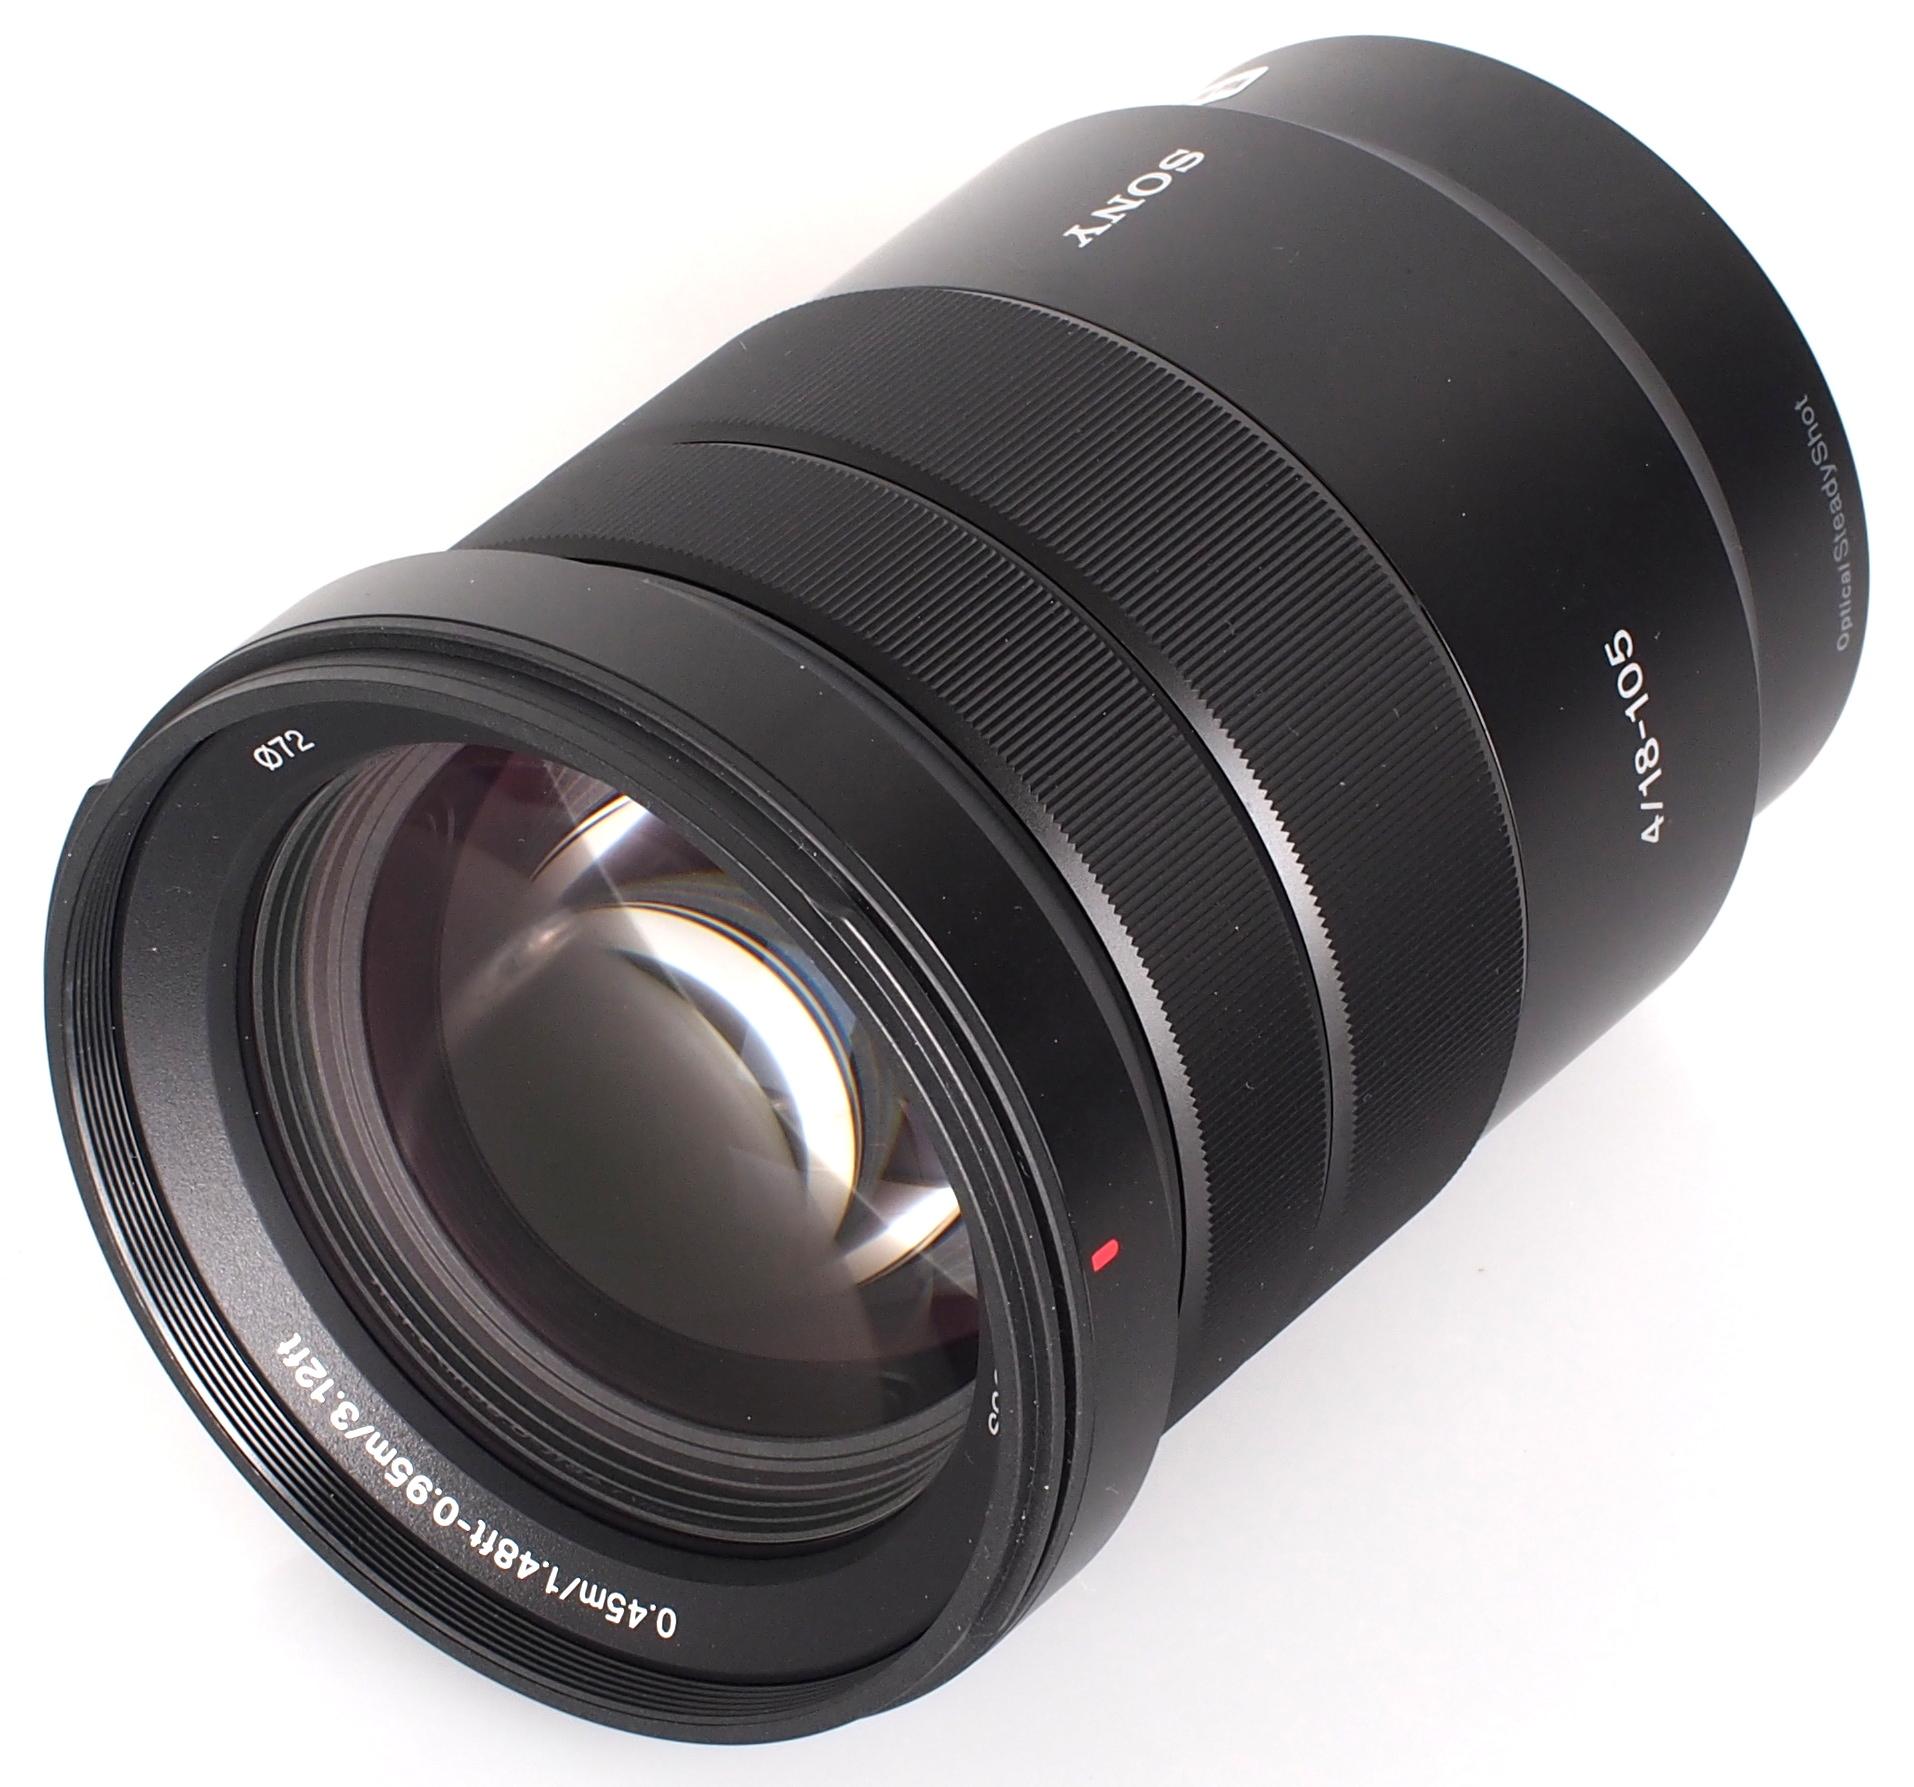 Sony E PZ 18-105mm F4 G OSS ( SELP18105G ) Lens | Digital